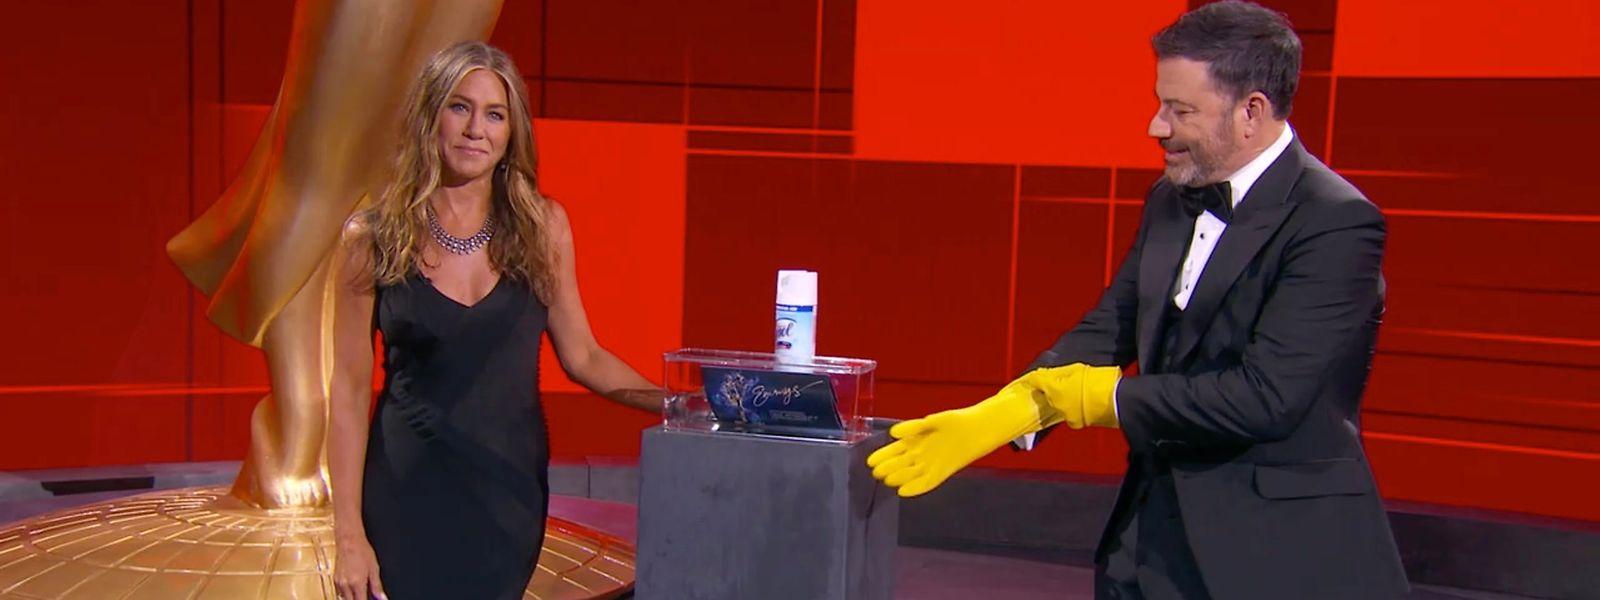 Hygiene geht vor: Jennifer Aniston und Moderator Jimmy Kimmel bei der Emmy-Verleihung.